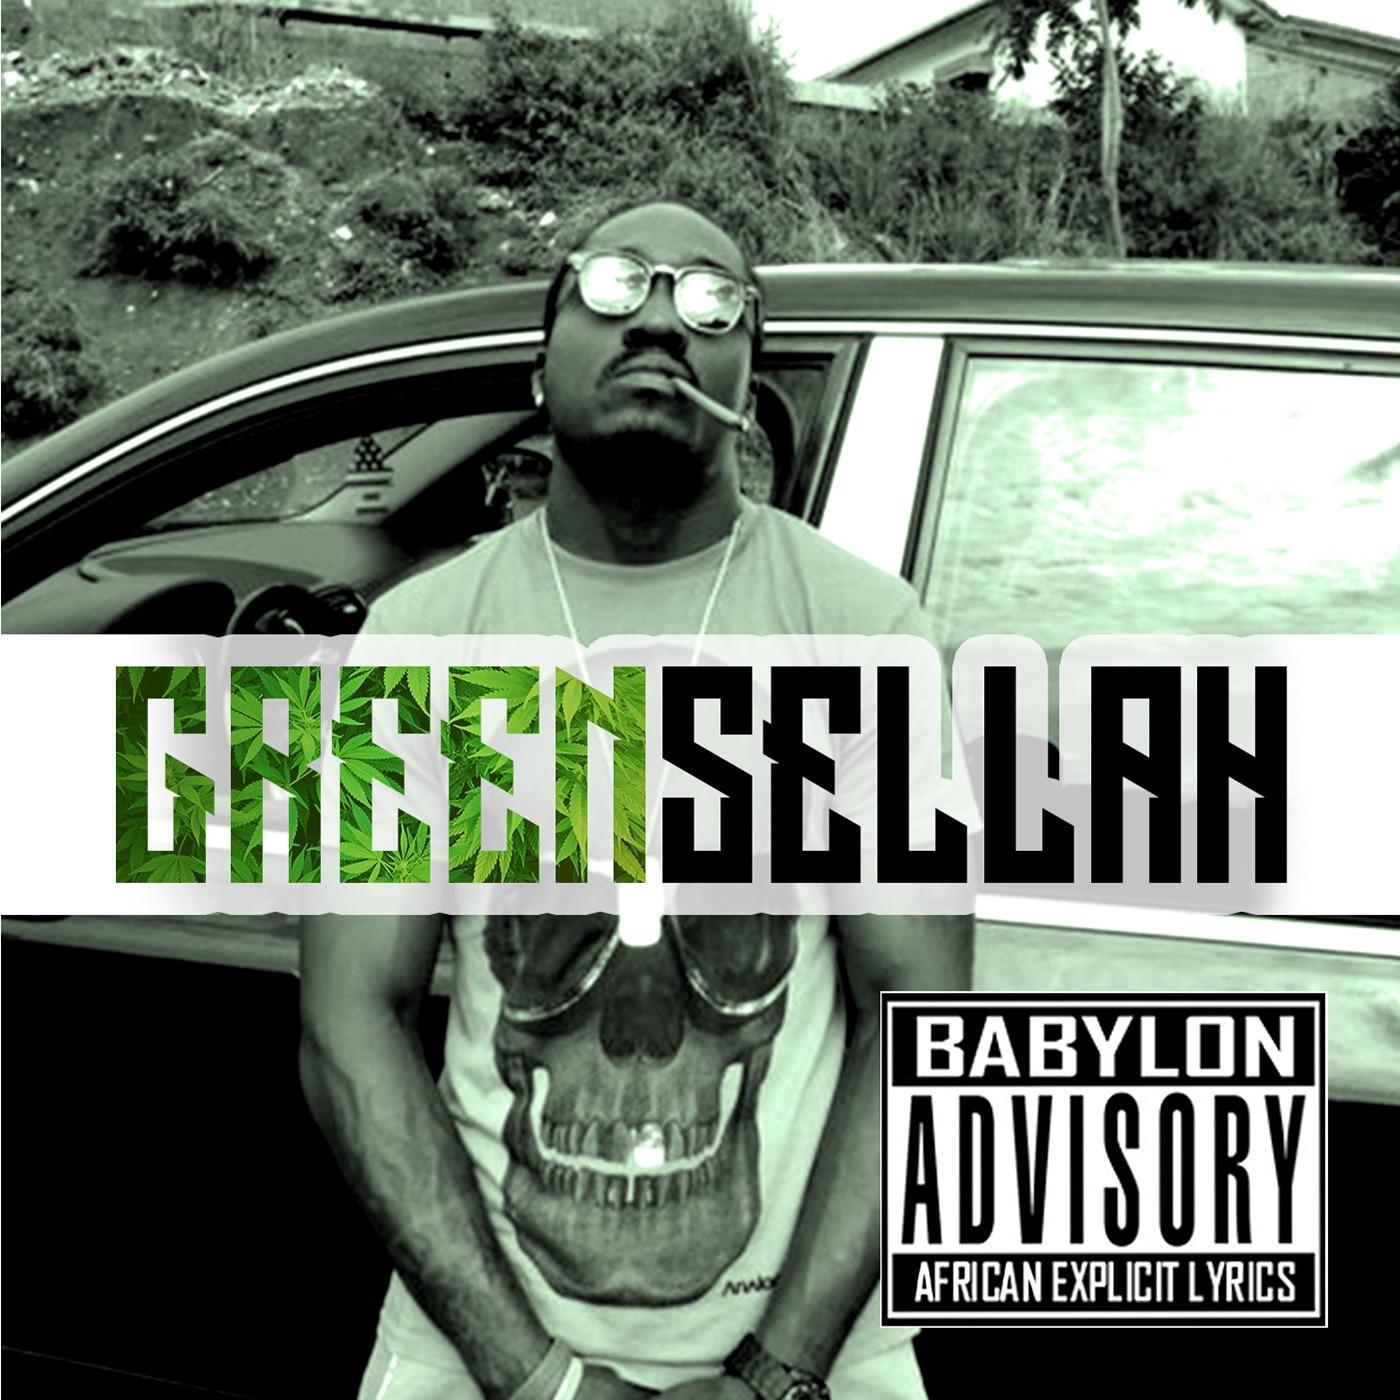 Greensellah